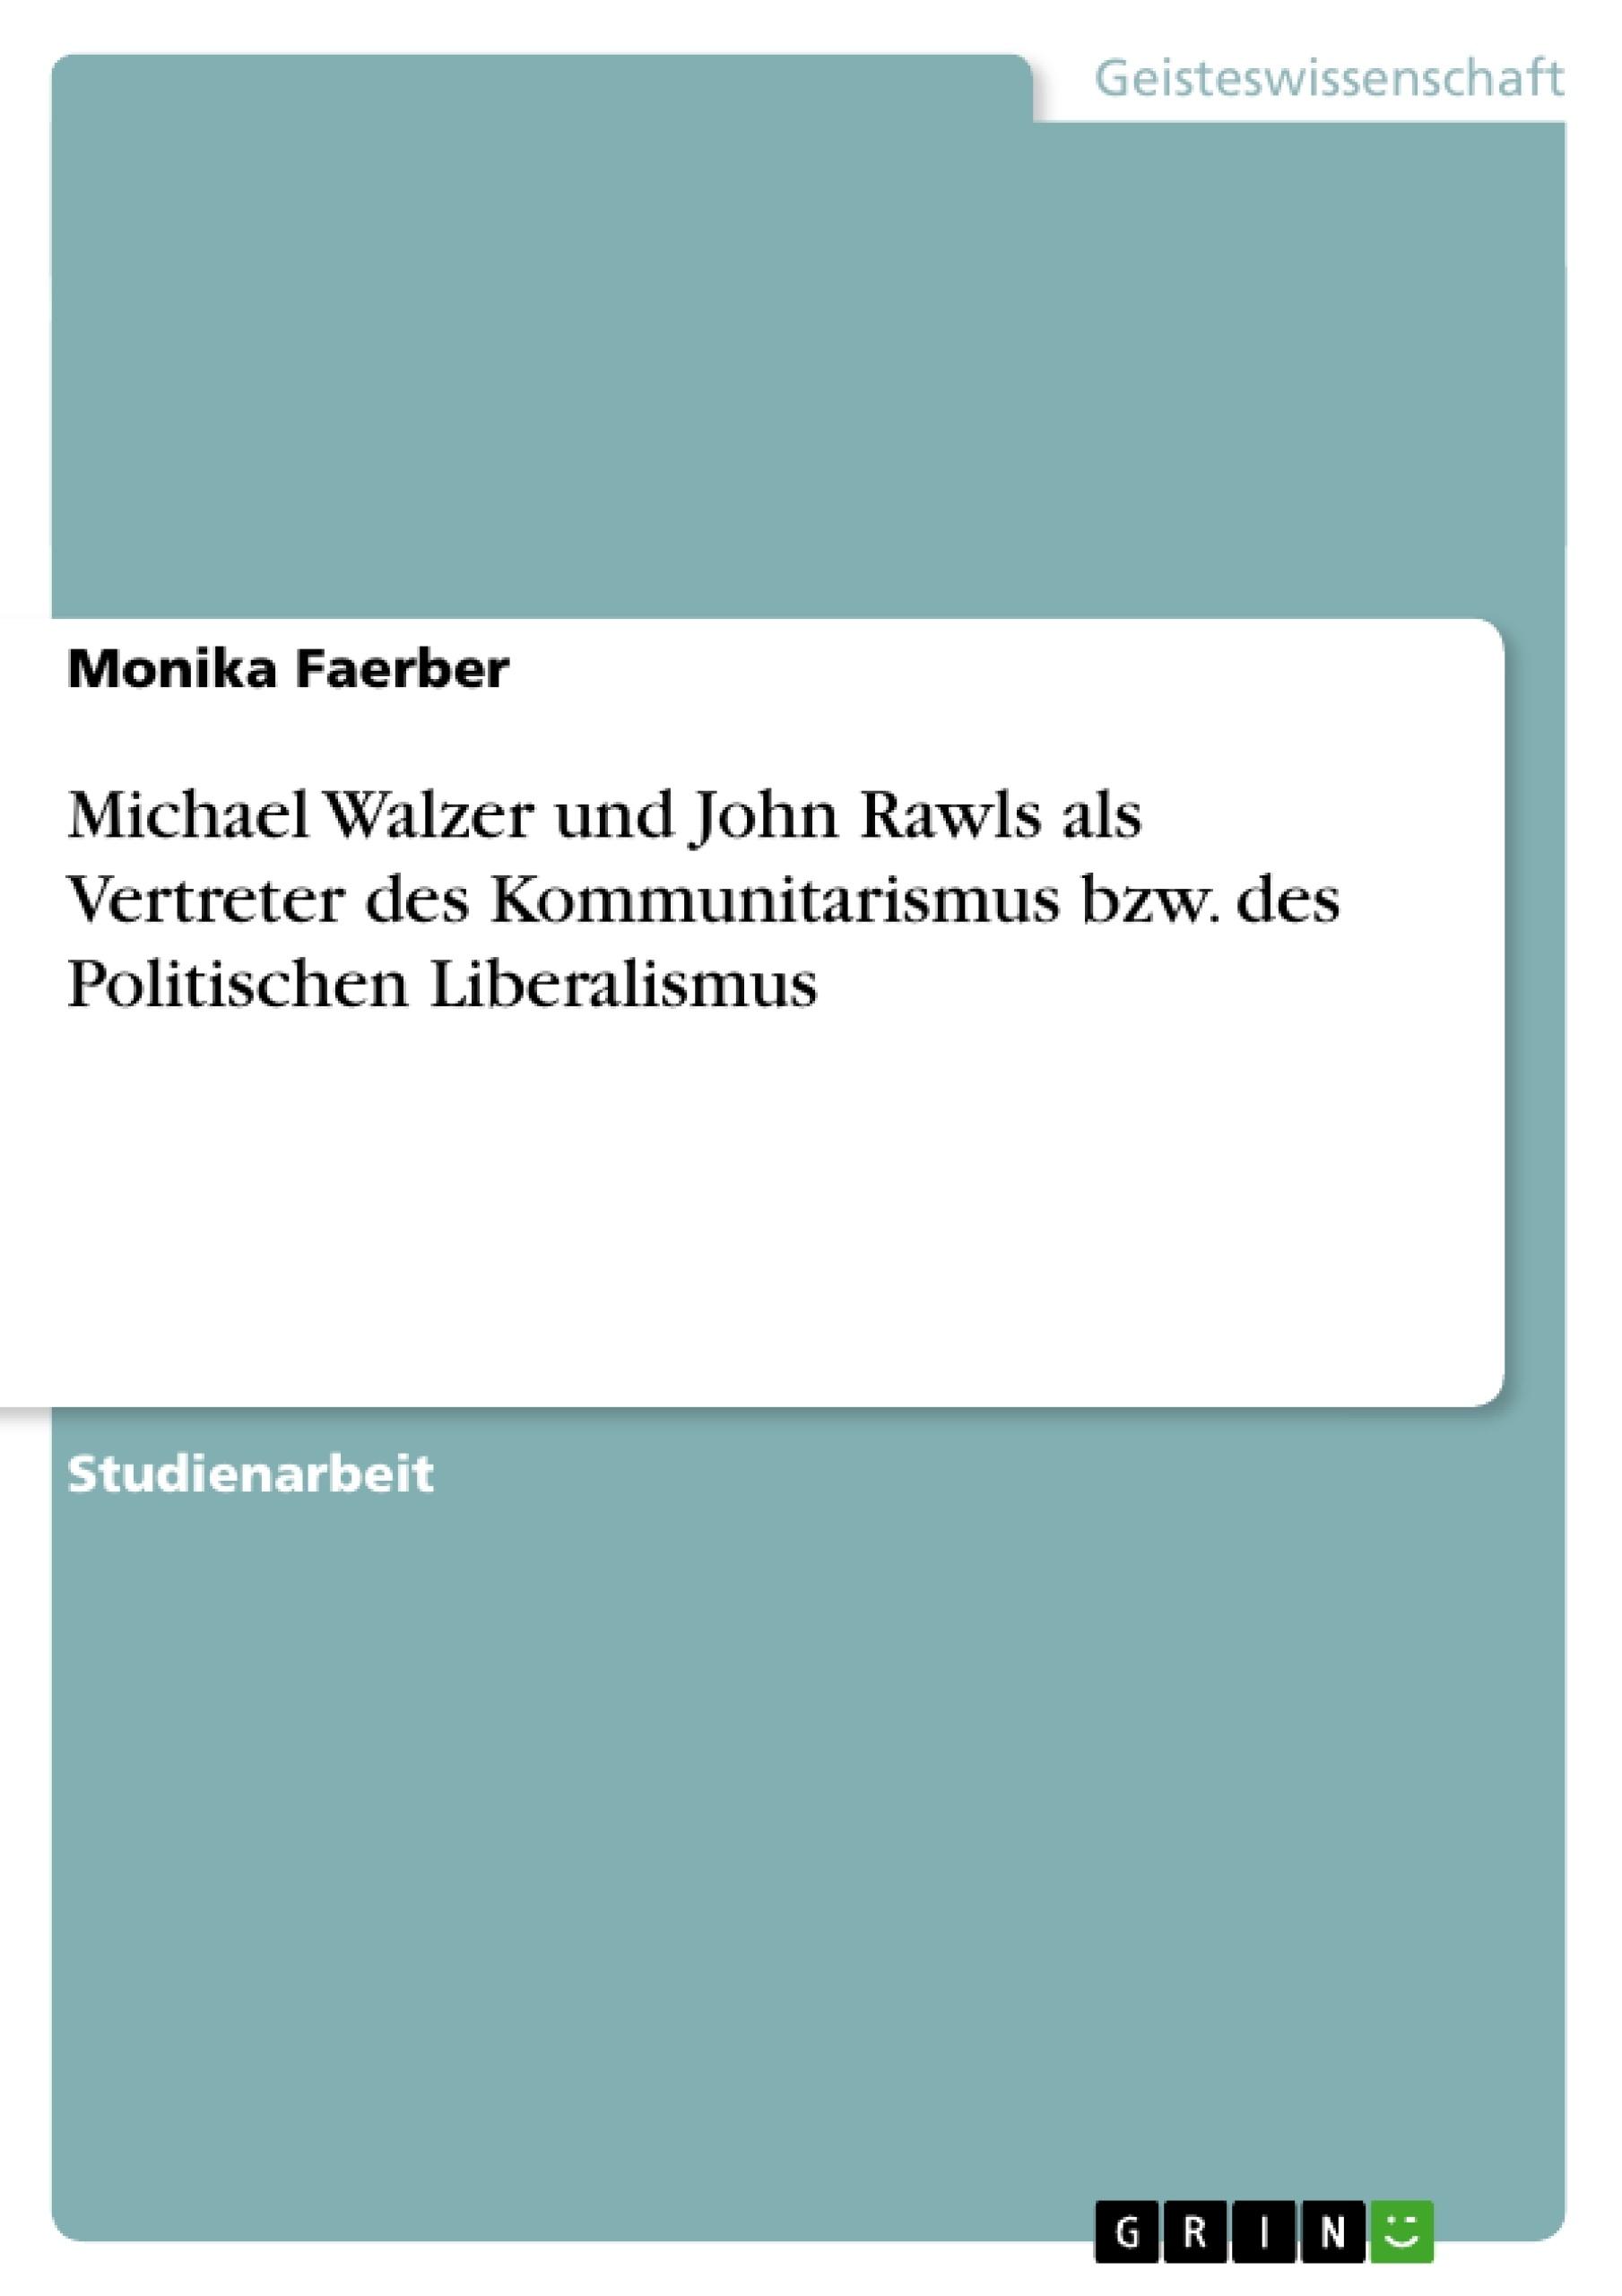 Titel: Michael Walzer und John Rawls als Vertreter des Kommunitarismus bzw. des Politischen Liberalismus